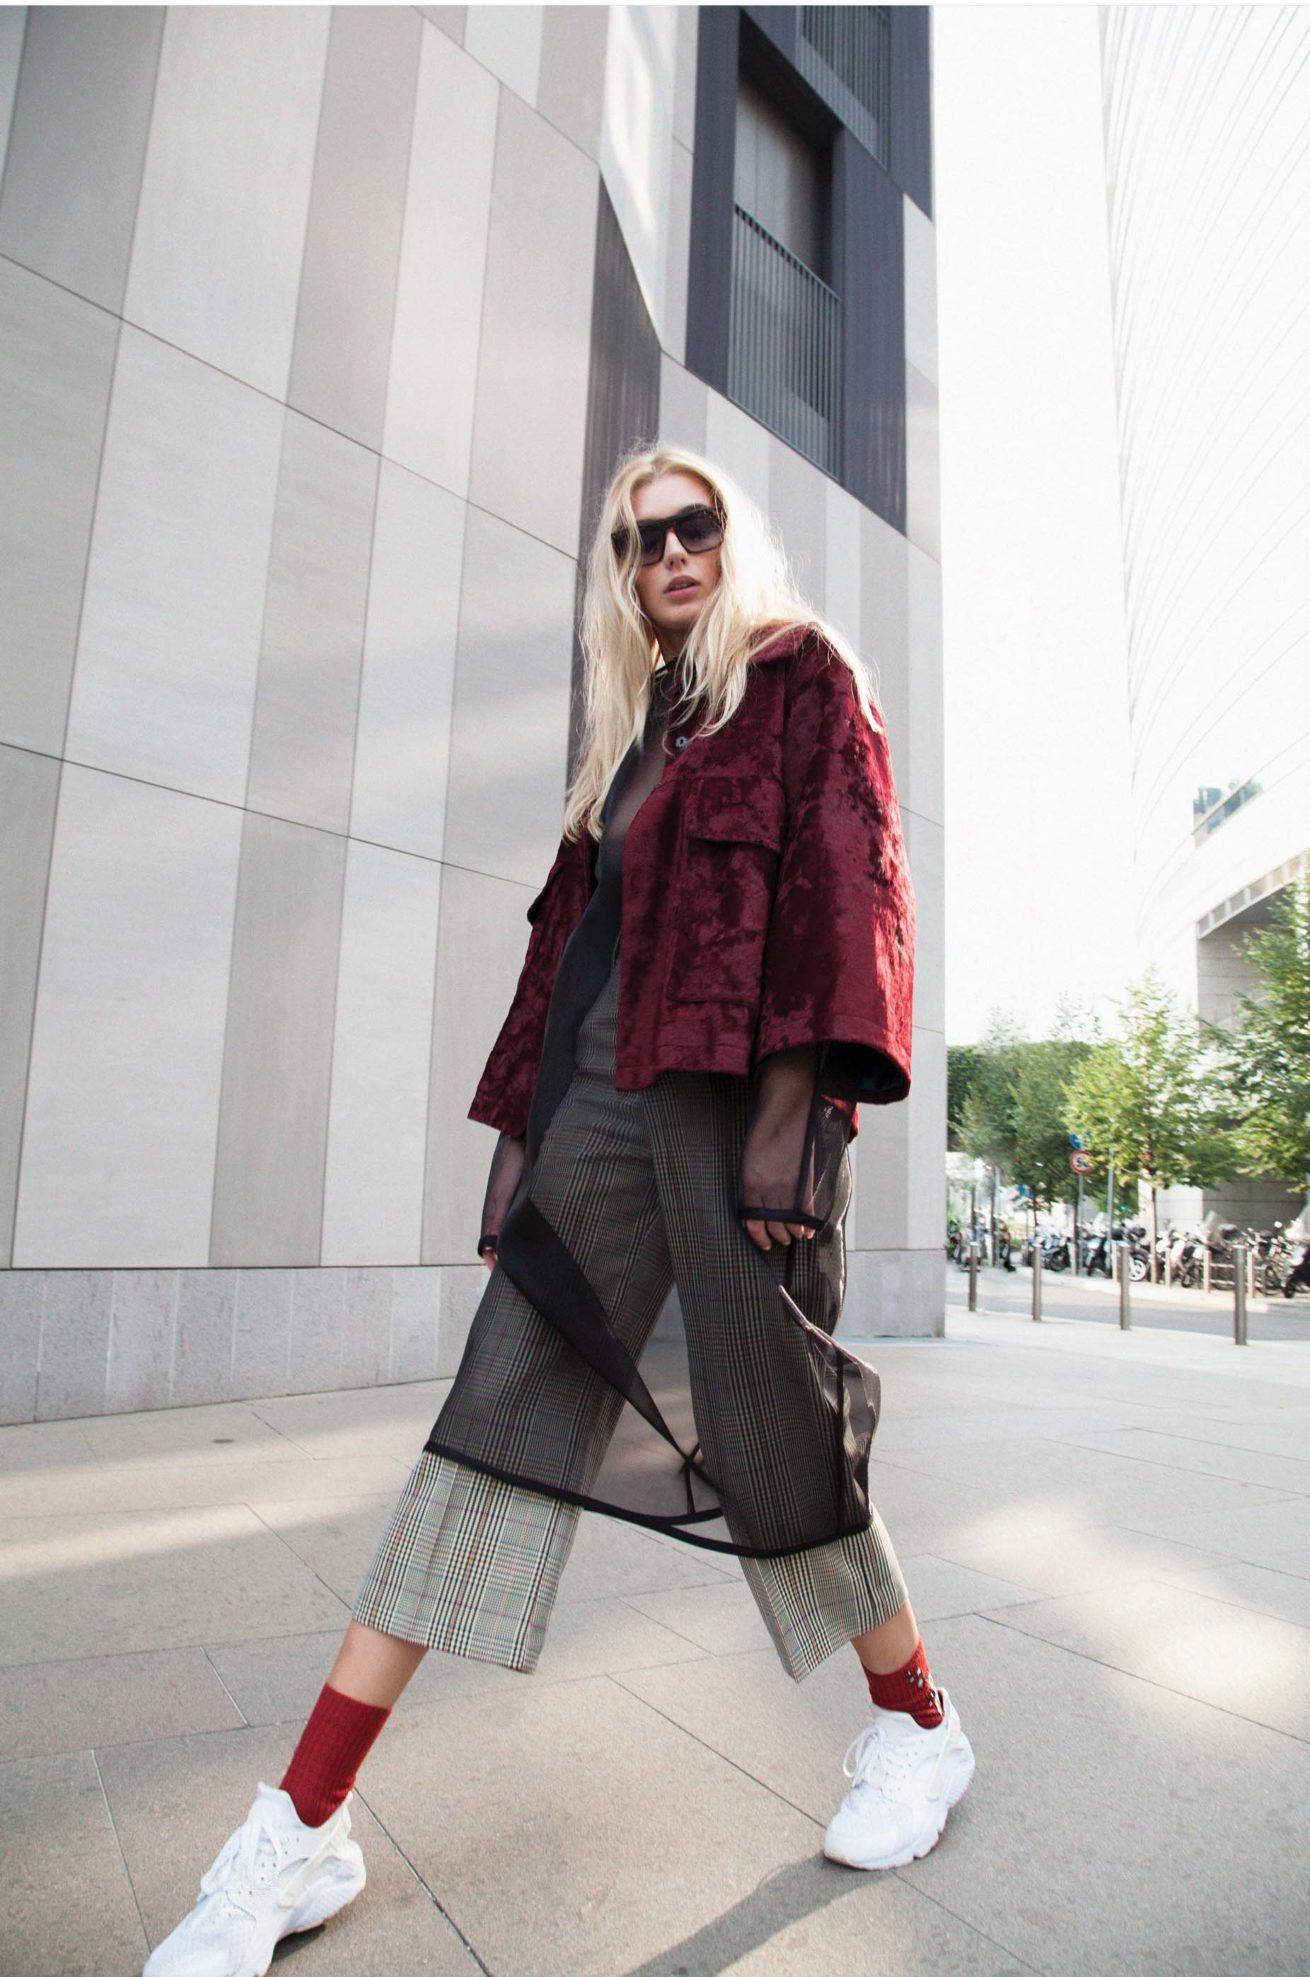 editoriale moda milano